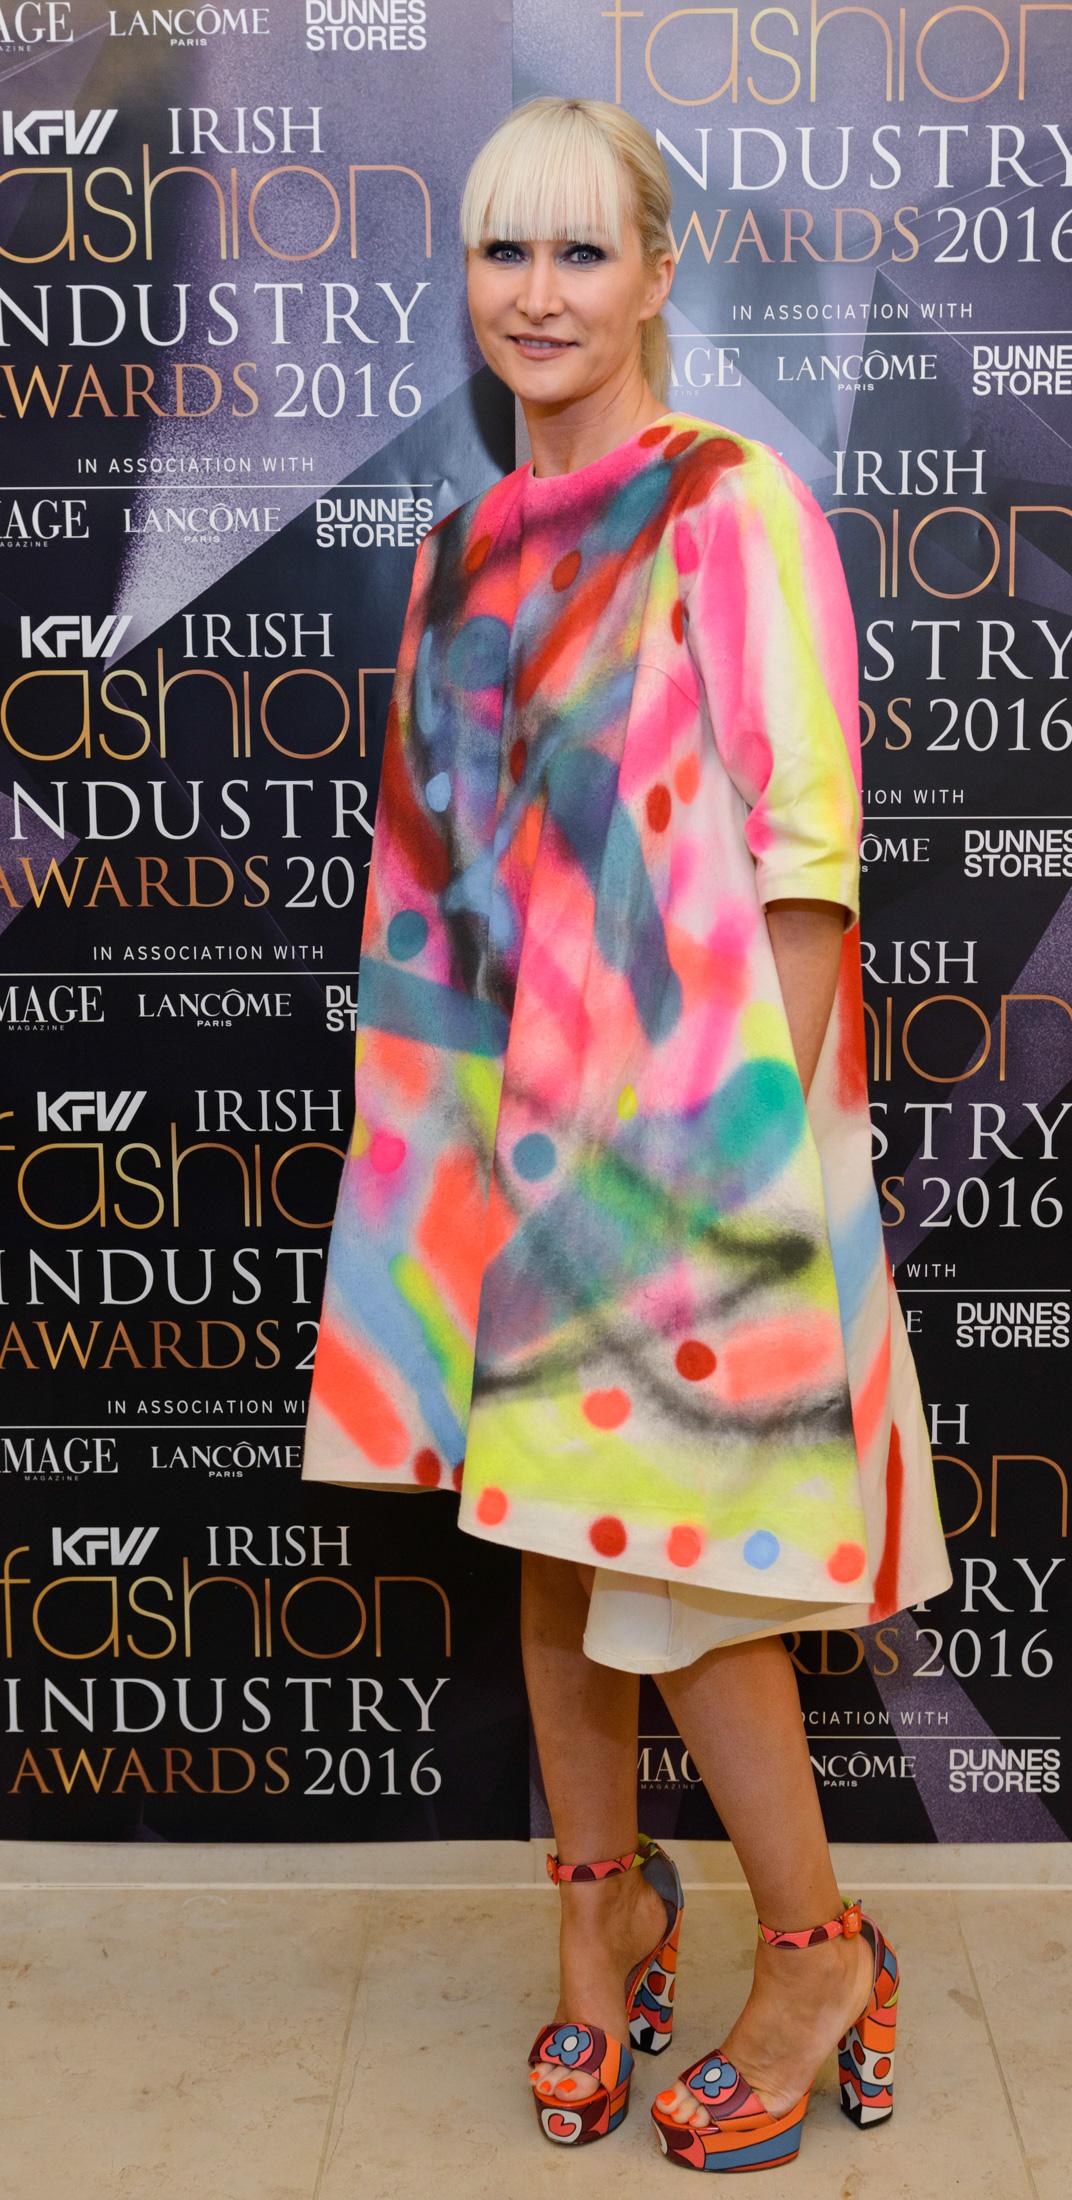 KFW16_Irish Fashion Industry Awards_10159.JPG